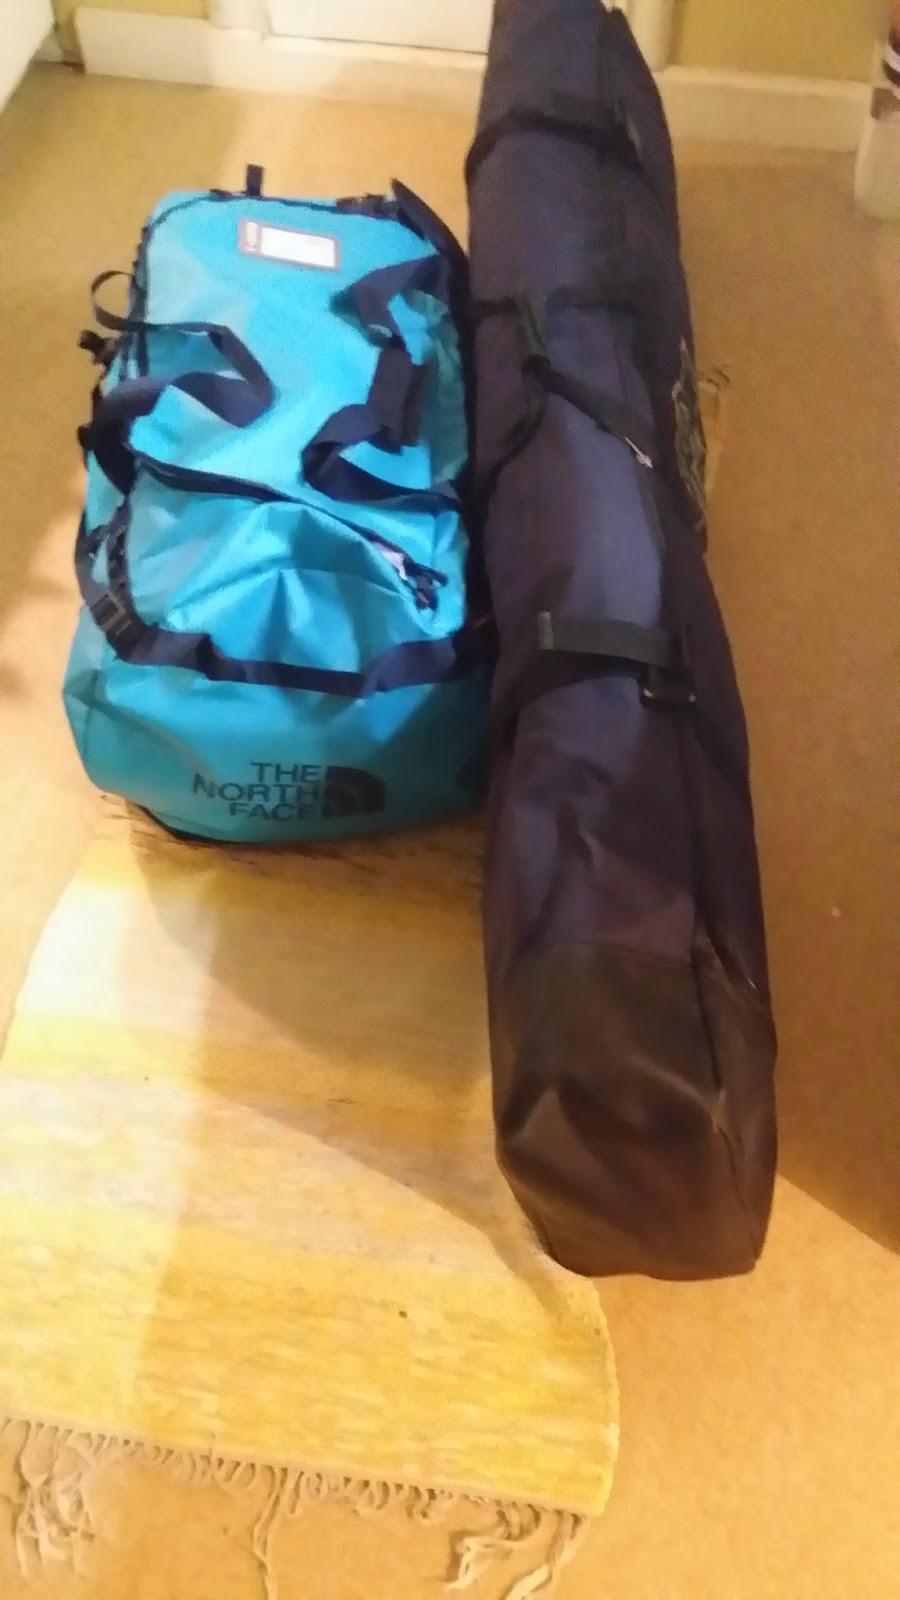 Utrustning packad i väskor